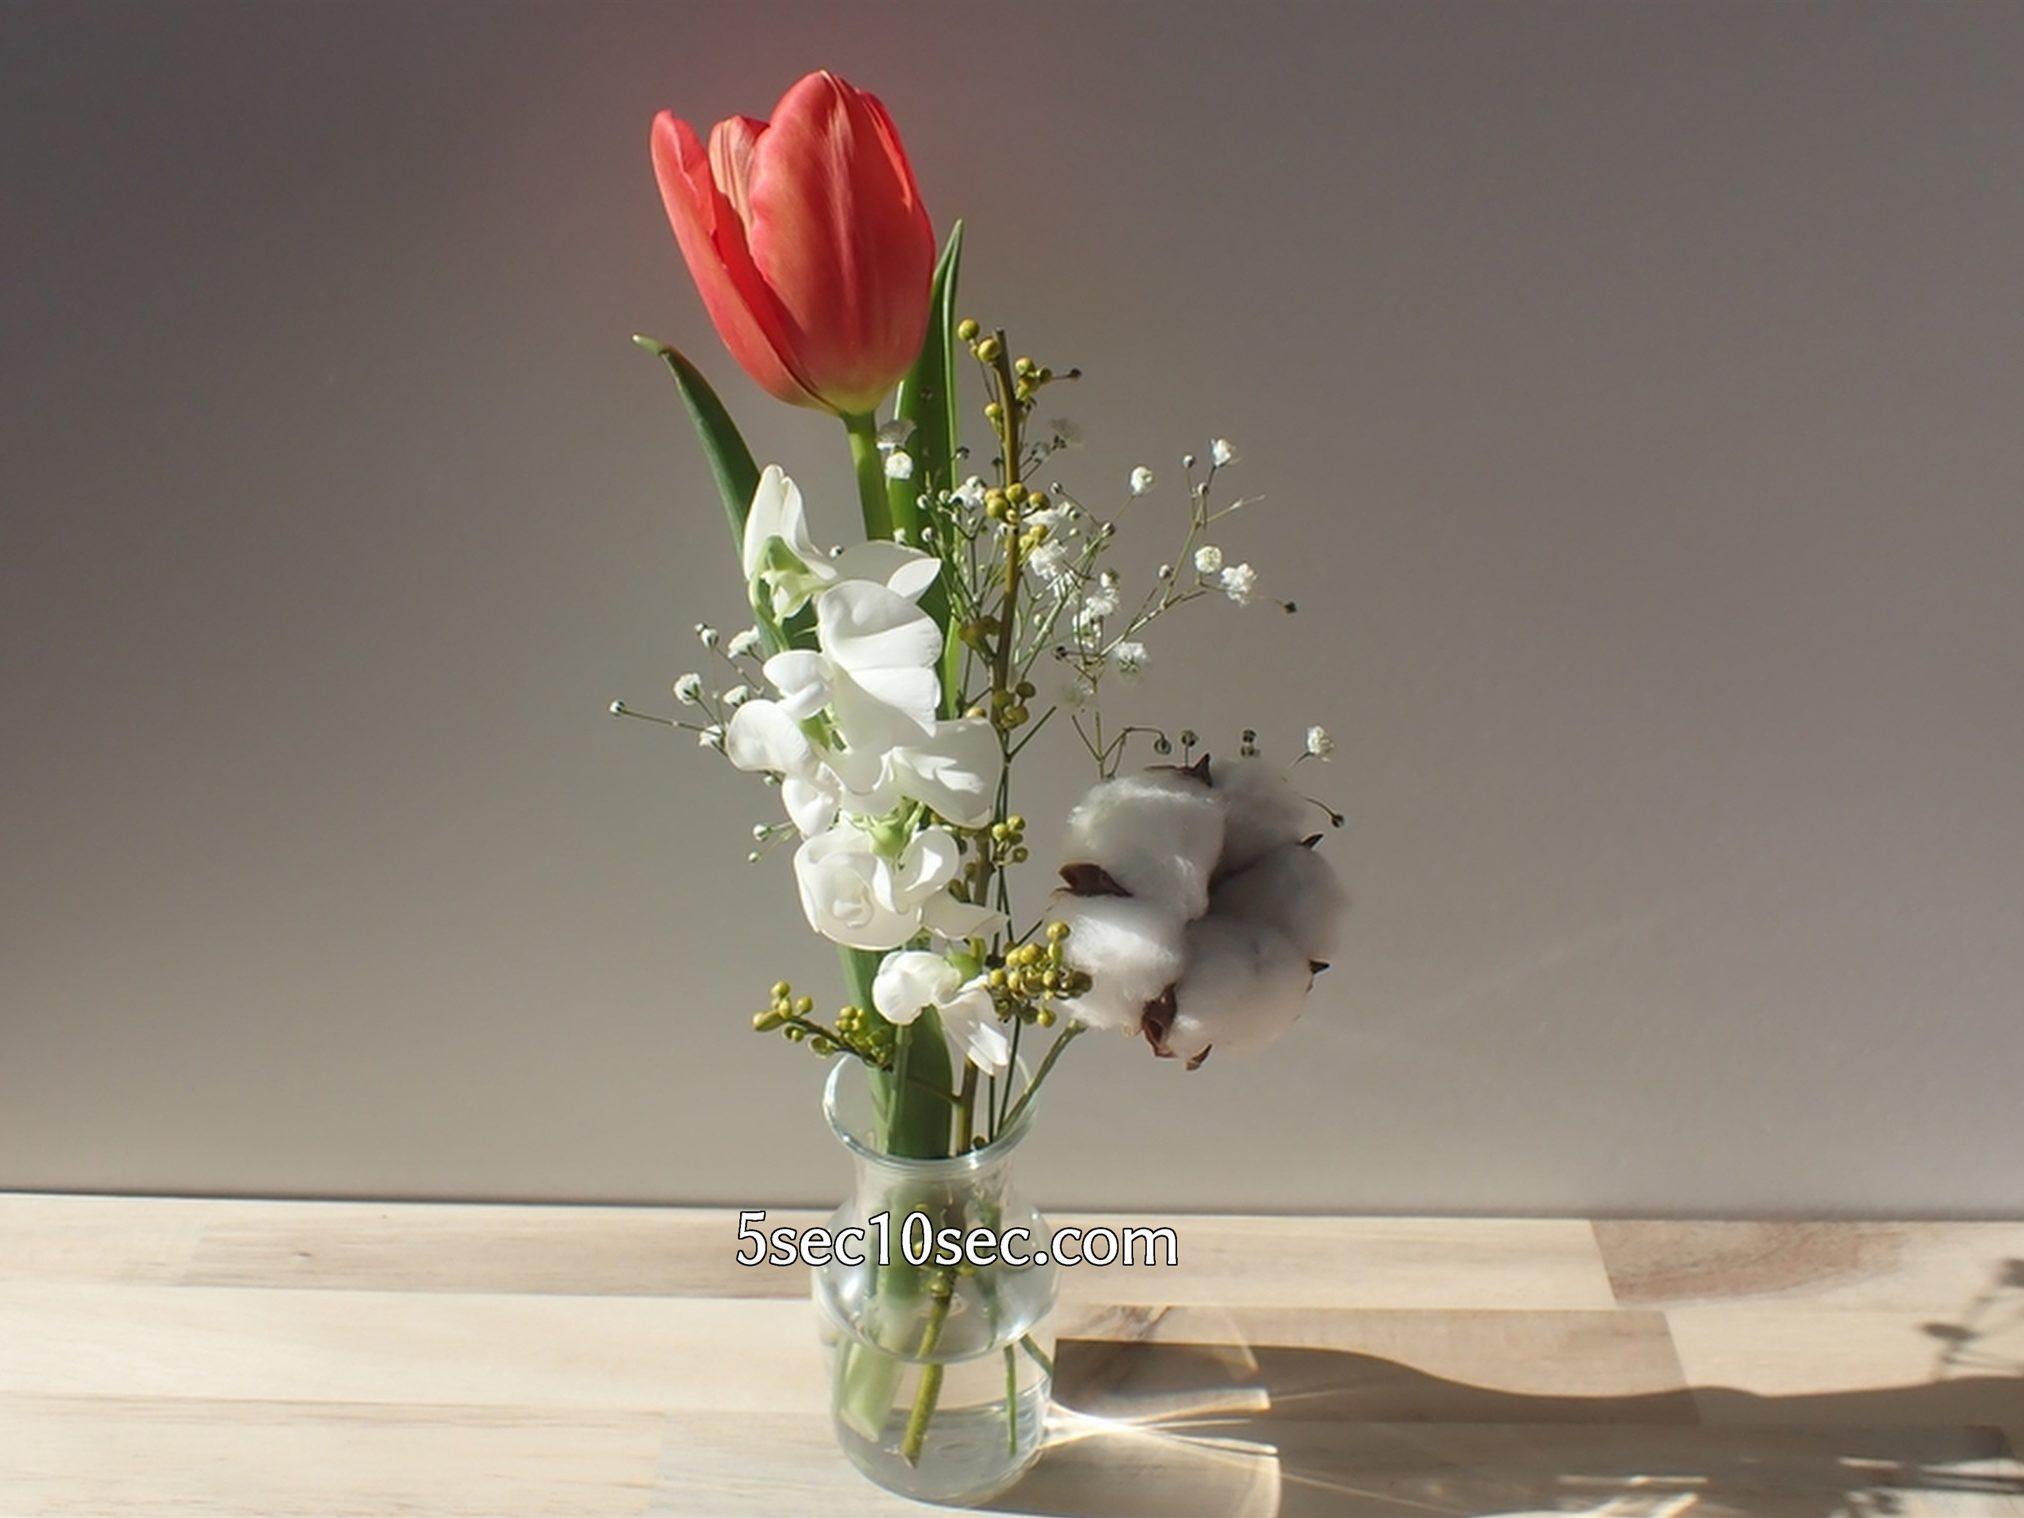 株式会社Crunch Style お花の定期便 Bloomee LIFE ブルーミーライフ 温かさ、温度、明るさに反応して、チューリップのつぼみが開きました